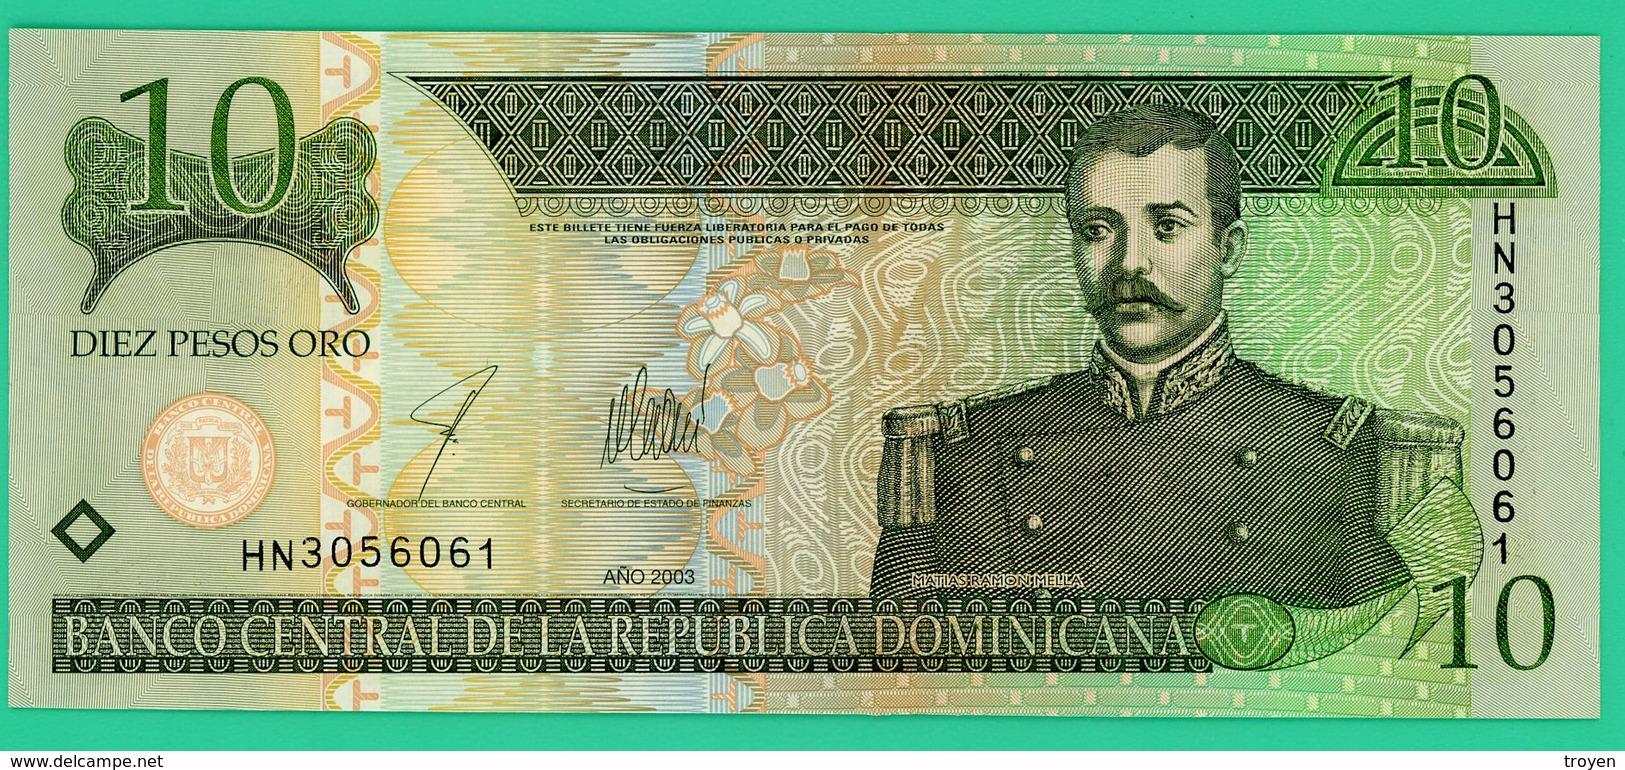 10 Pesos - République Dominicaine - 2003 - N° HN3056061 - Neuf - - Dominicaine